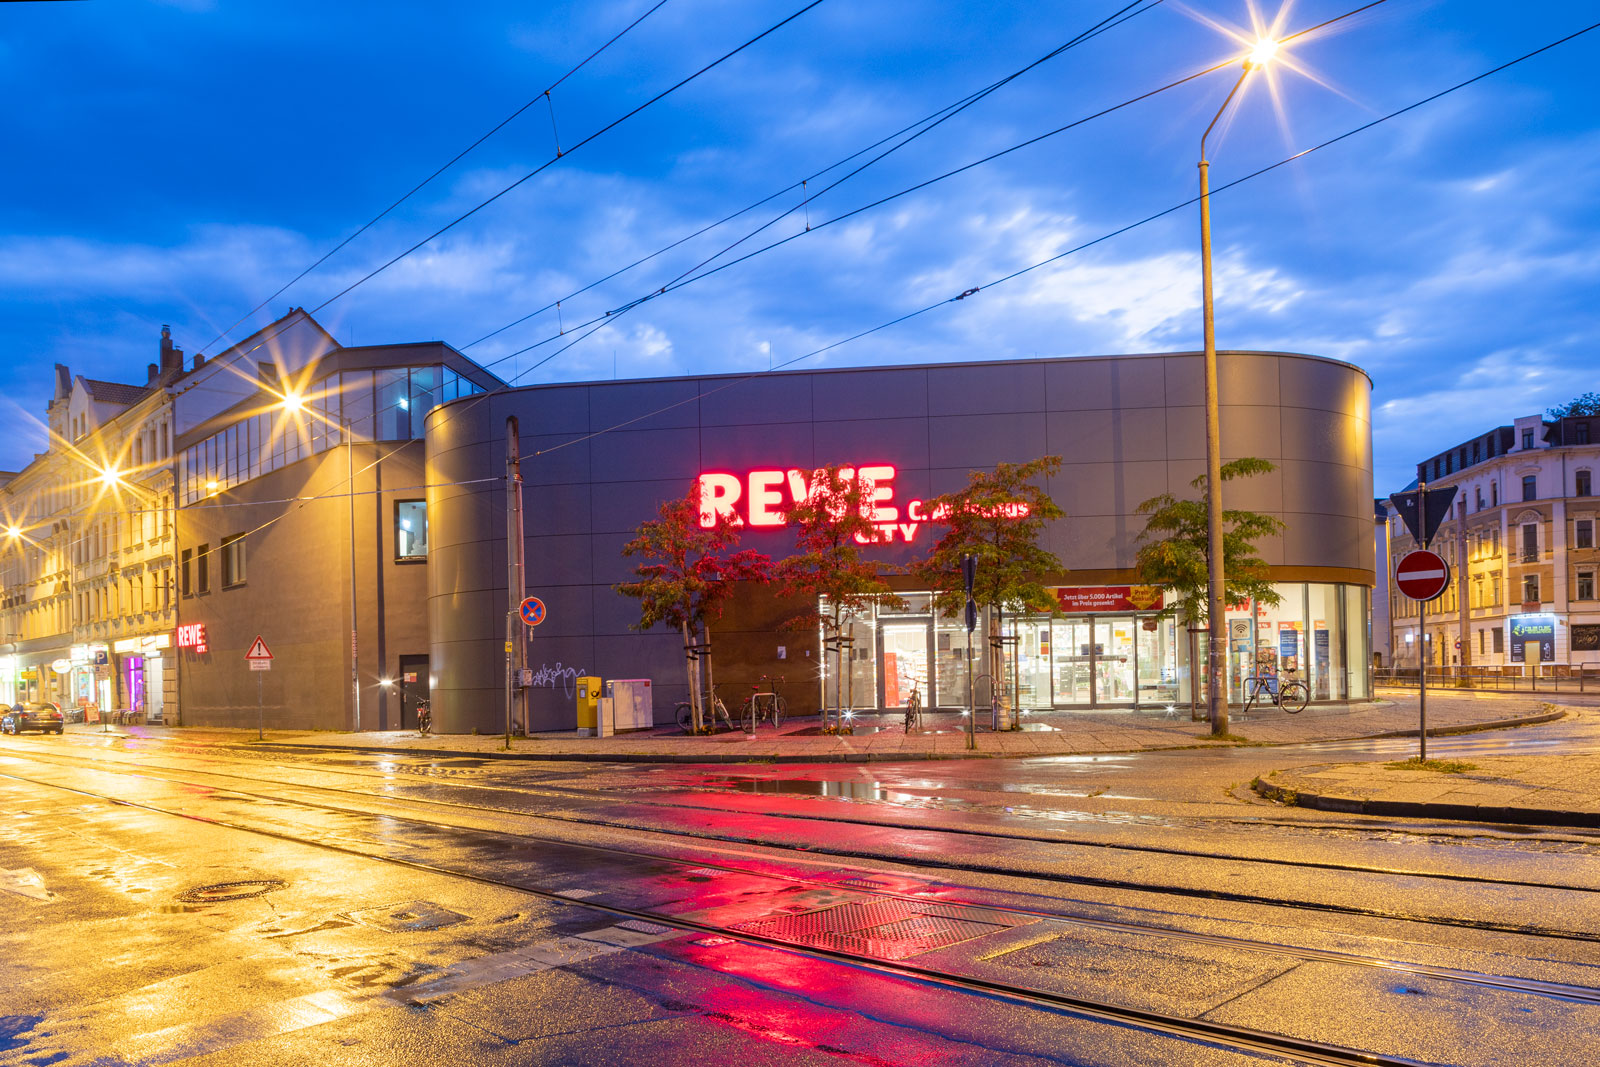 REWE Antonienstraße